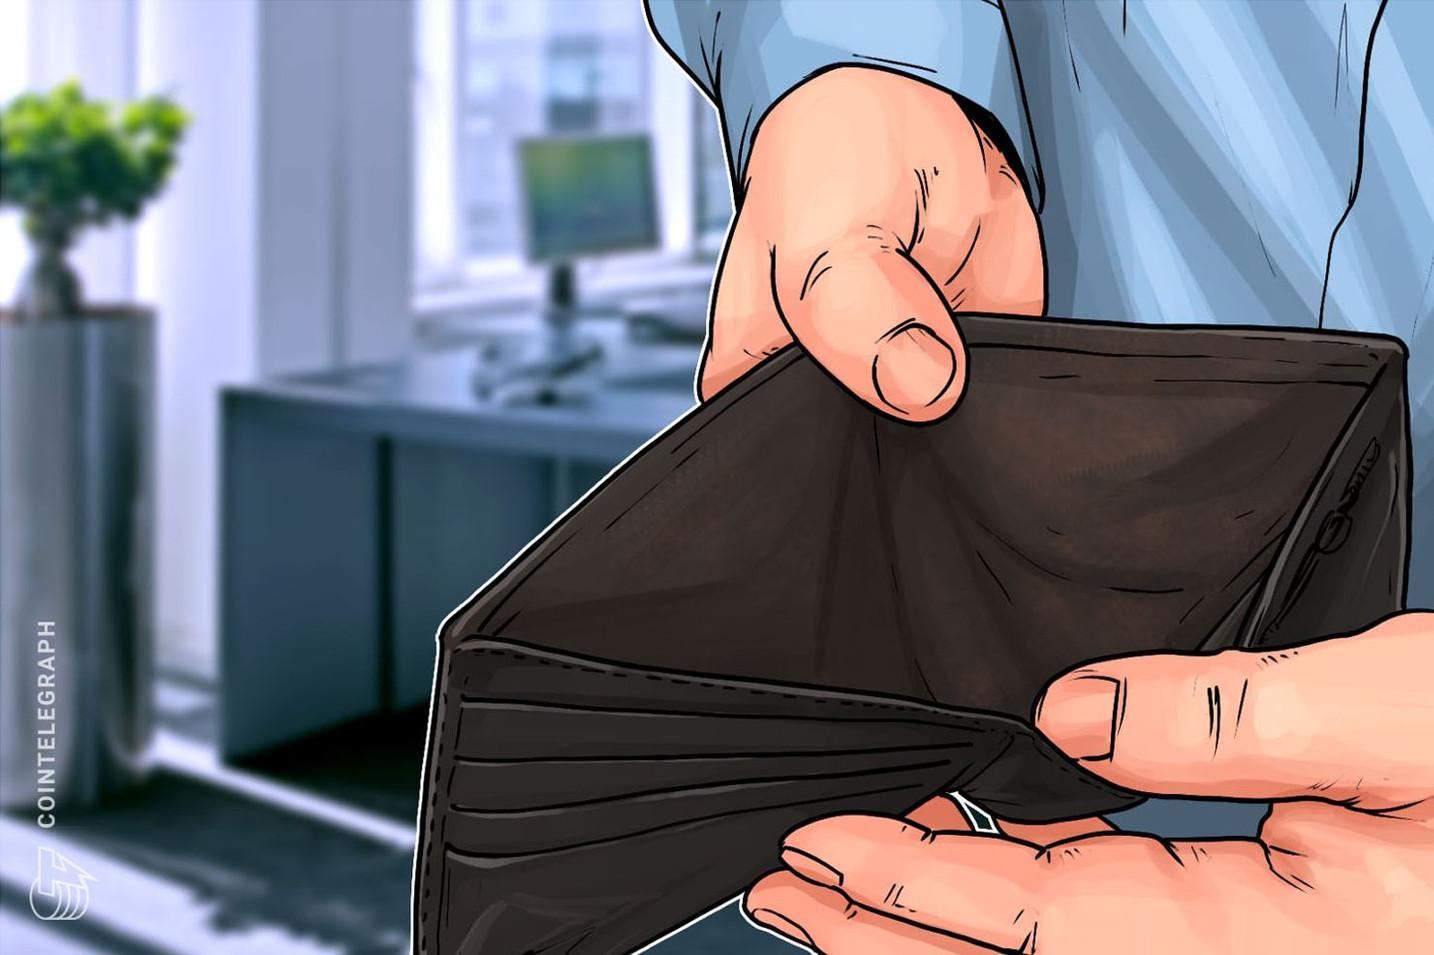 巨額仮想通貨消えたクアドリガCXの共同創業者  ビットメックスで数億円の買いポジション?